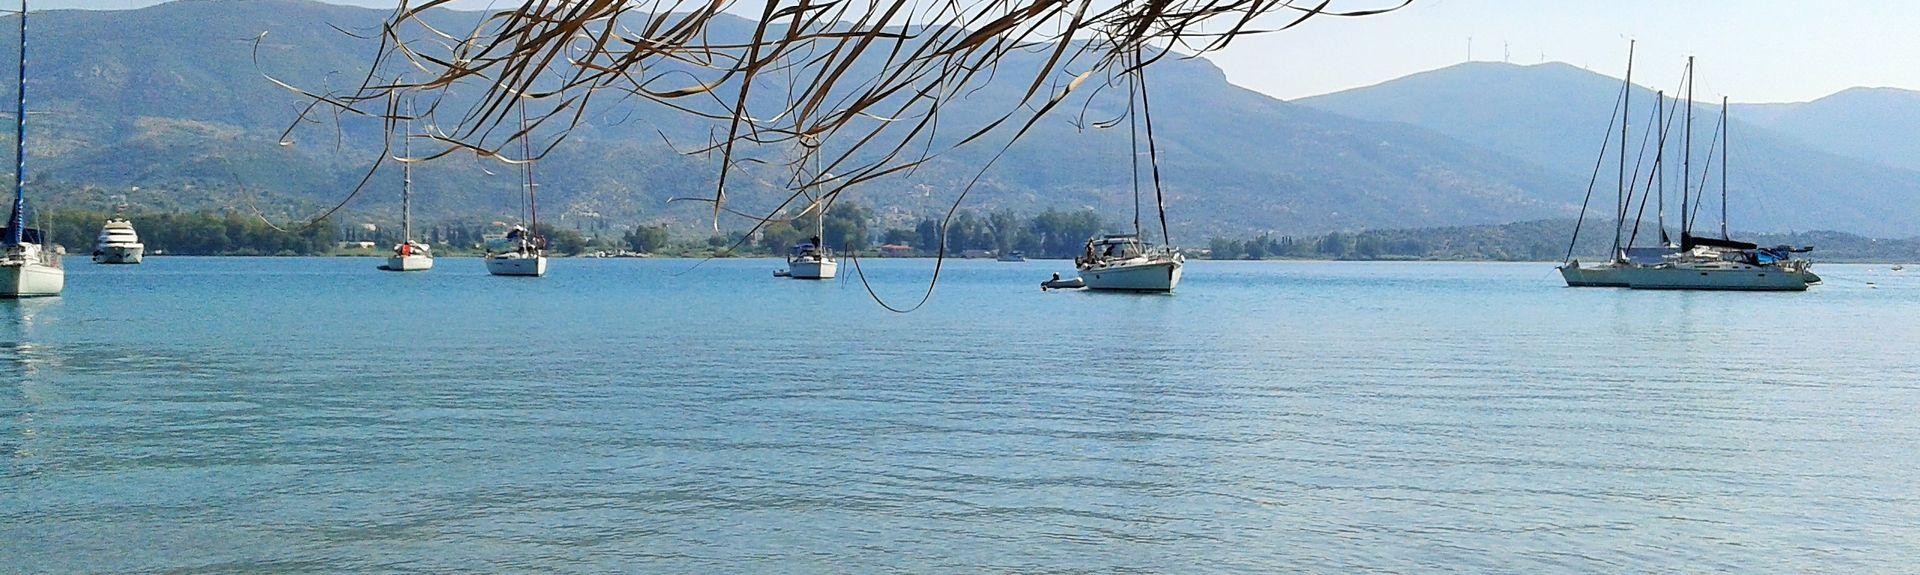 Γαλατάς, Ελλάδα